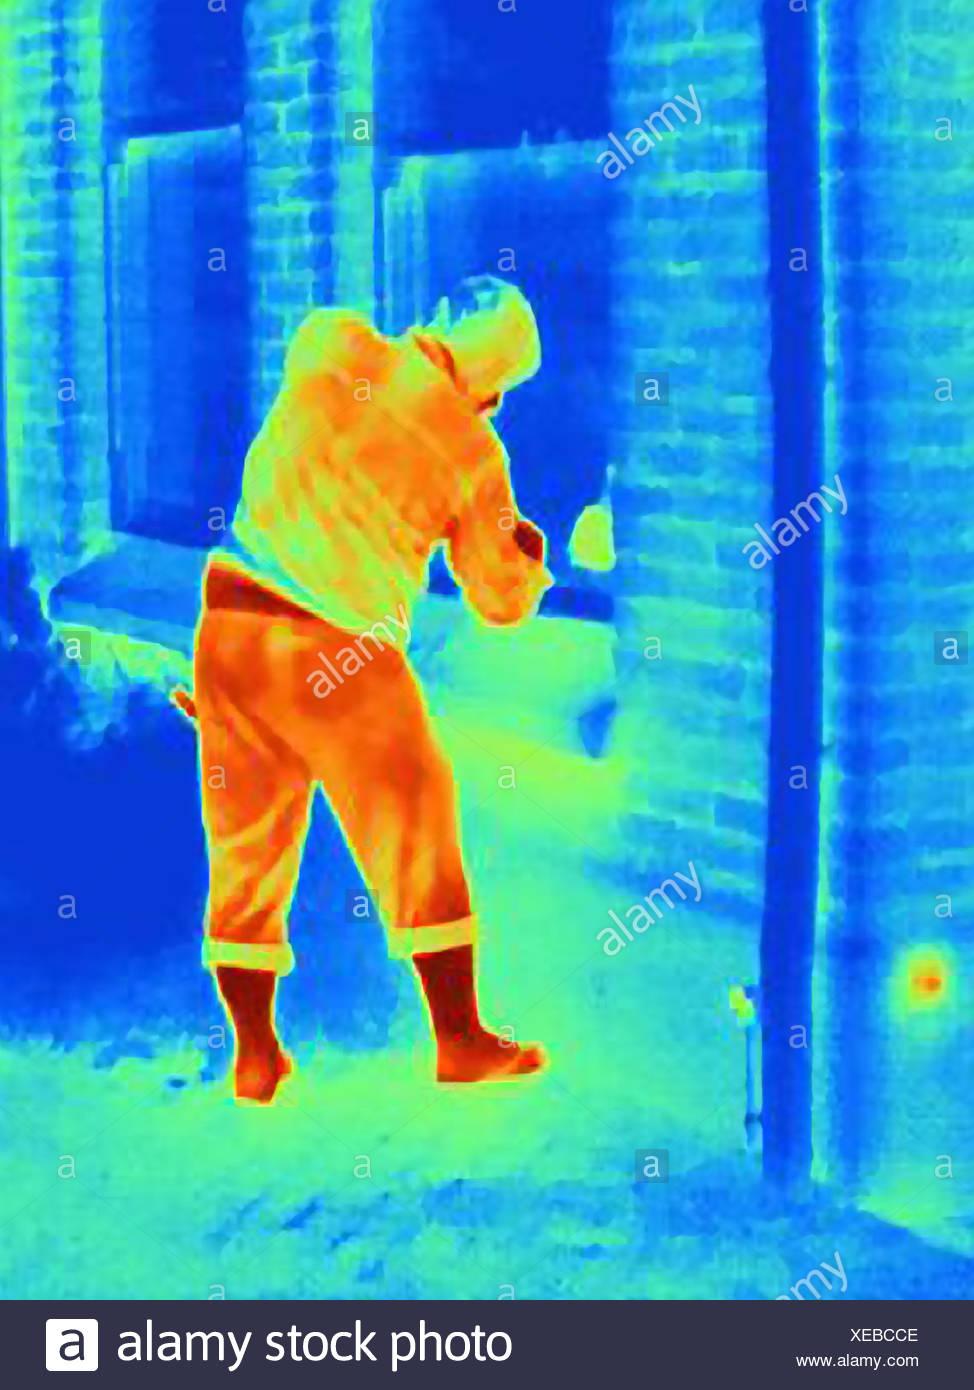 Fotografia termica di un ladro la rottura in una casa Immagini Stock